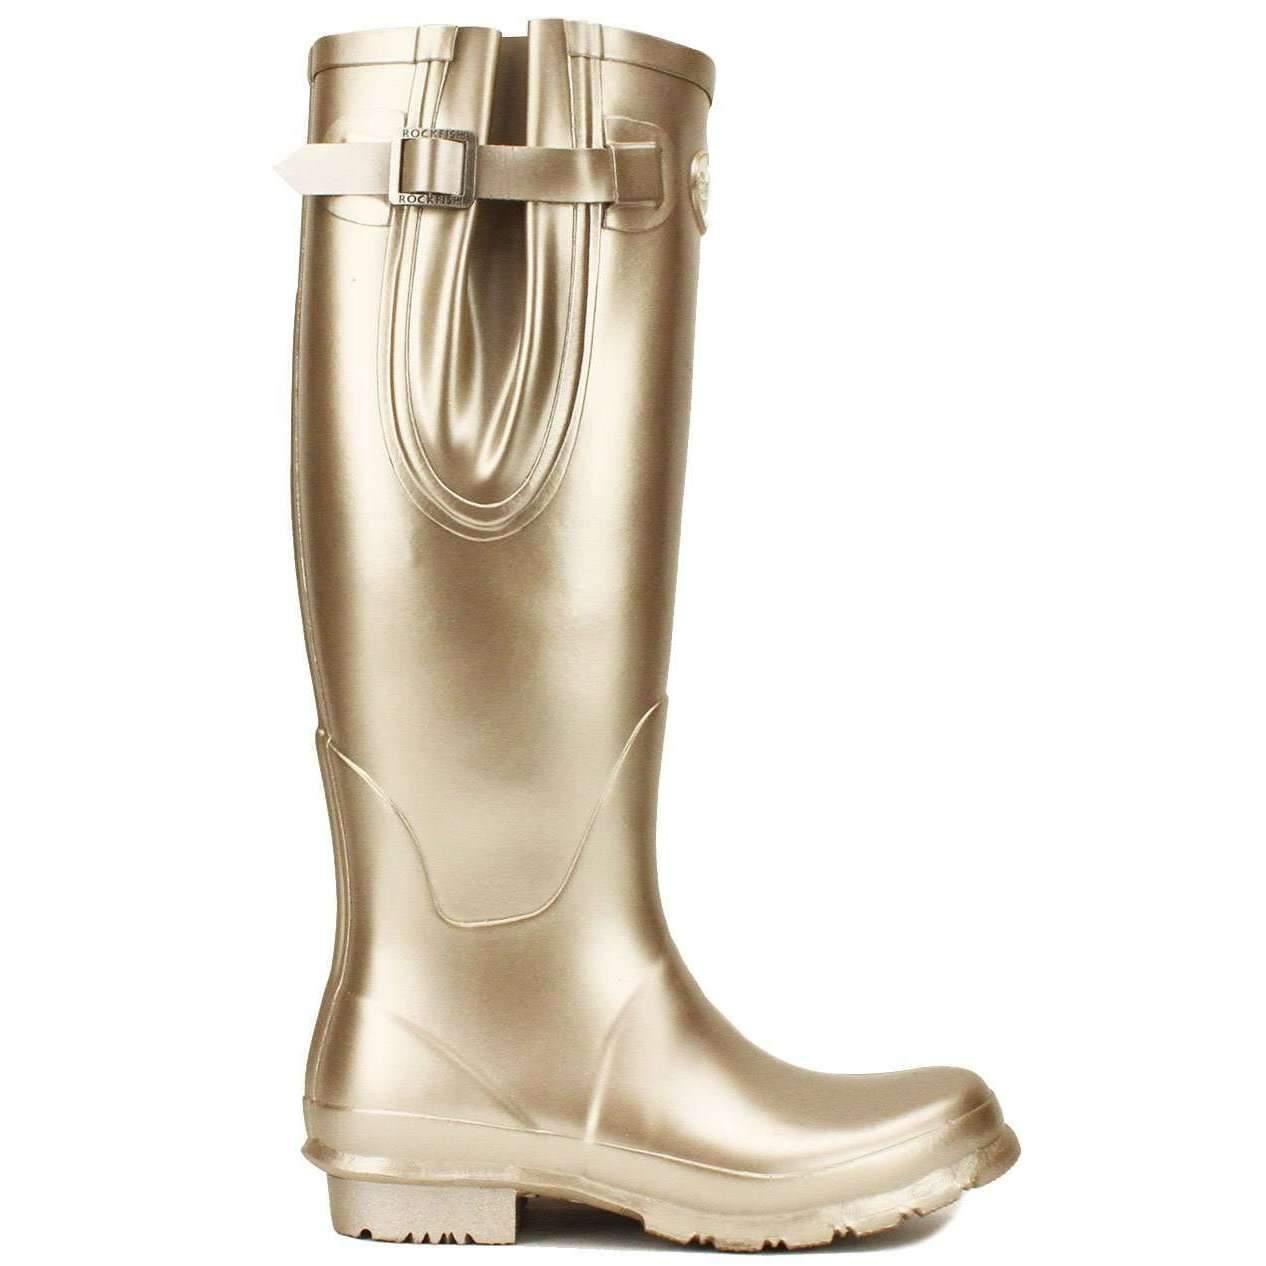 Stivali in gomma in Rockfish DONNA IMPERMEABILE Outdoor CHAMPAGNE regolabile in gomma larghezza d0e591